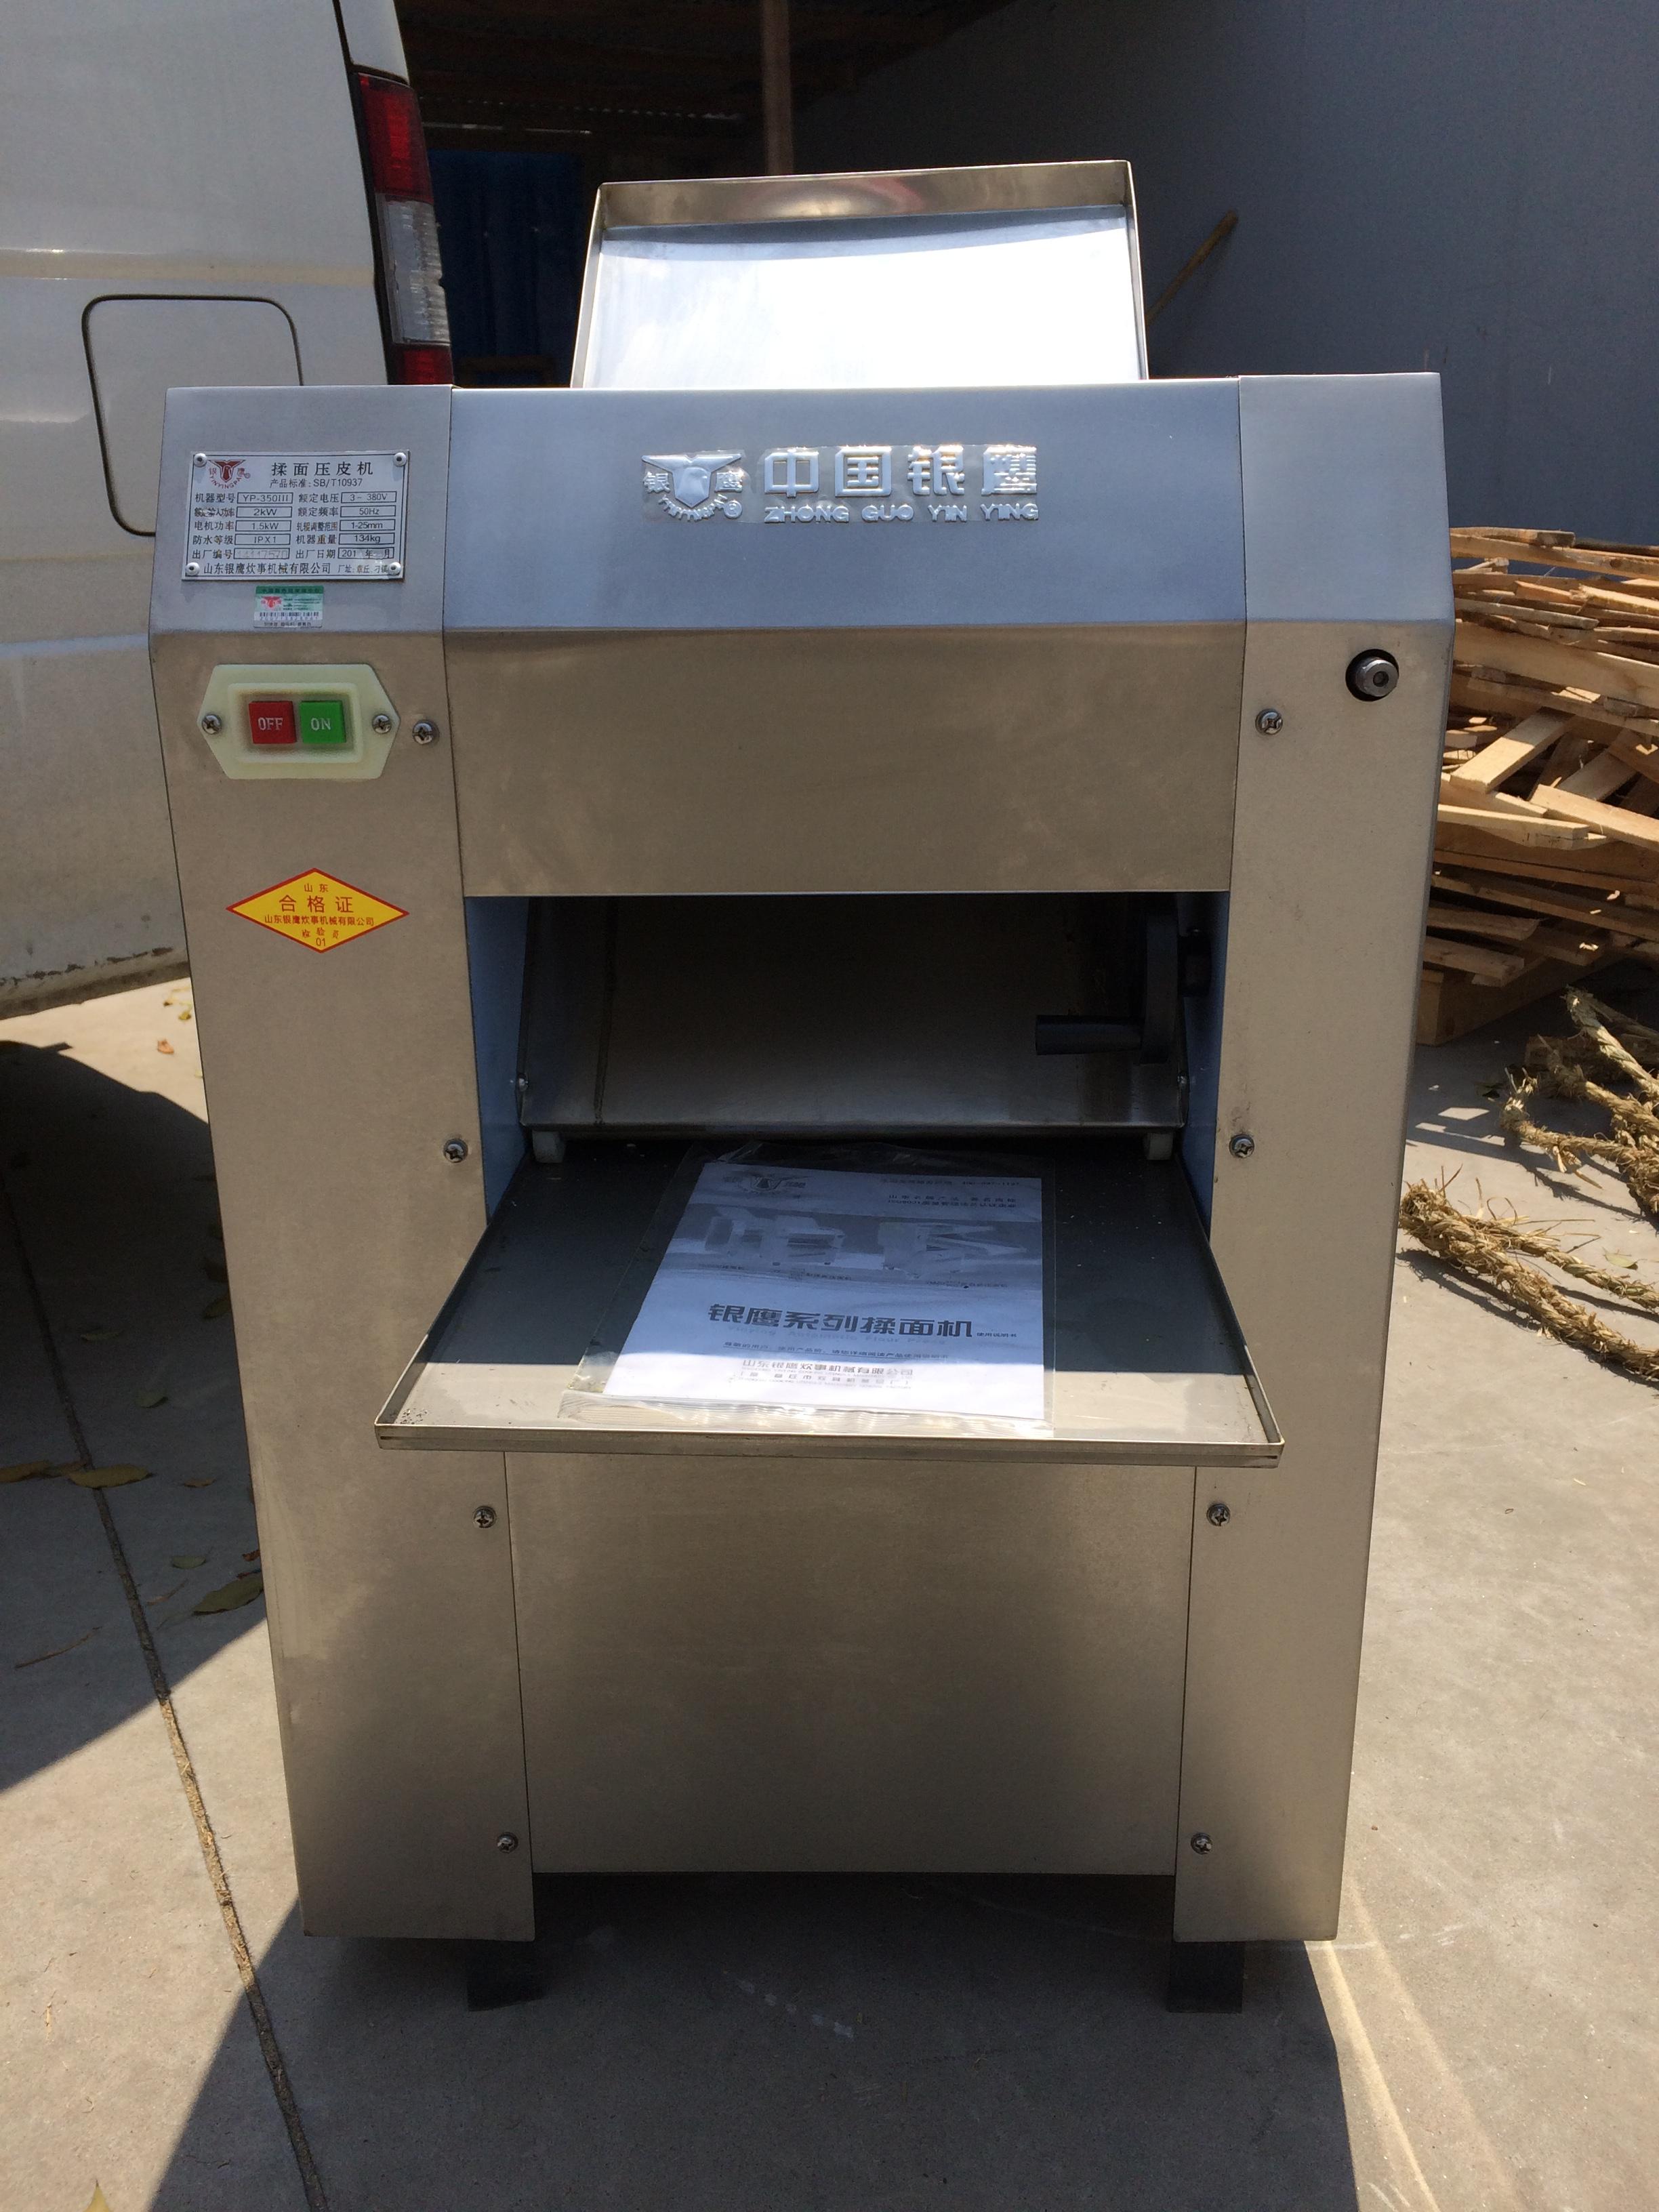 Шаньдун серебро орел пресс поверхность машинально YP350 тип месить поверхность пресс кожа машинально автоматический бизнес абсолютно нержавеющая сталь пресс поверхность машинально